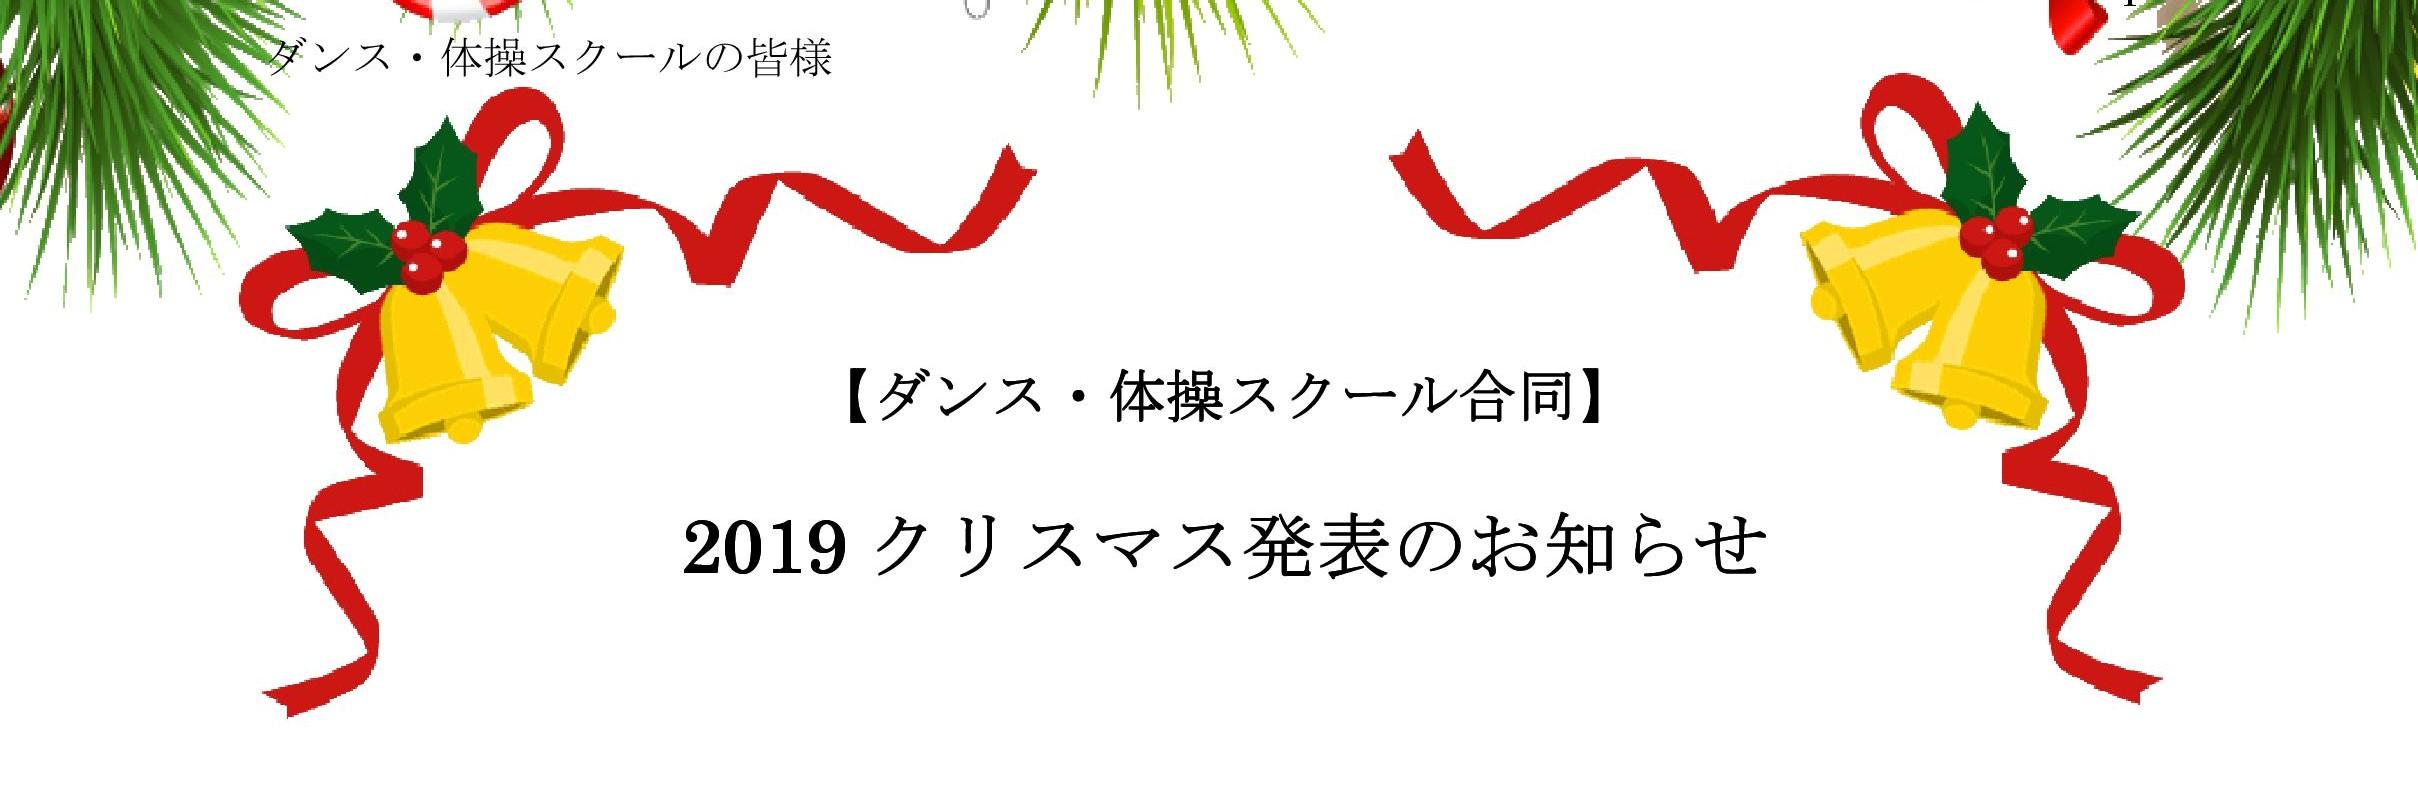 【ダンス・体操スクール】クリスマス発表のお知らせ